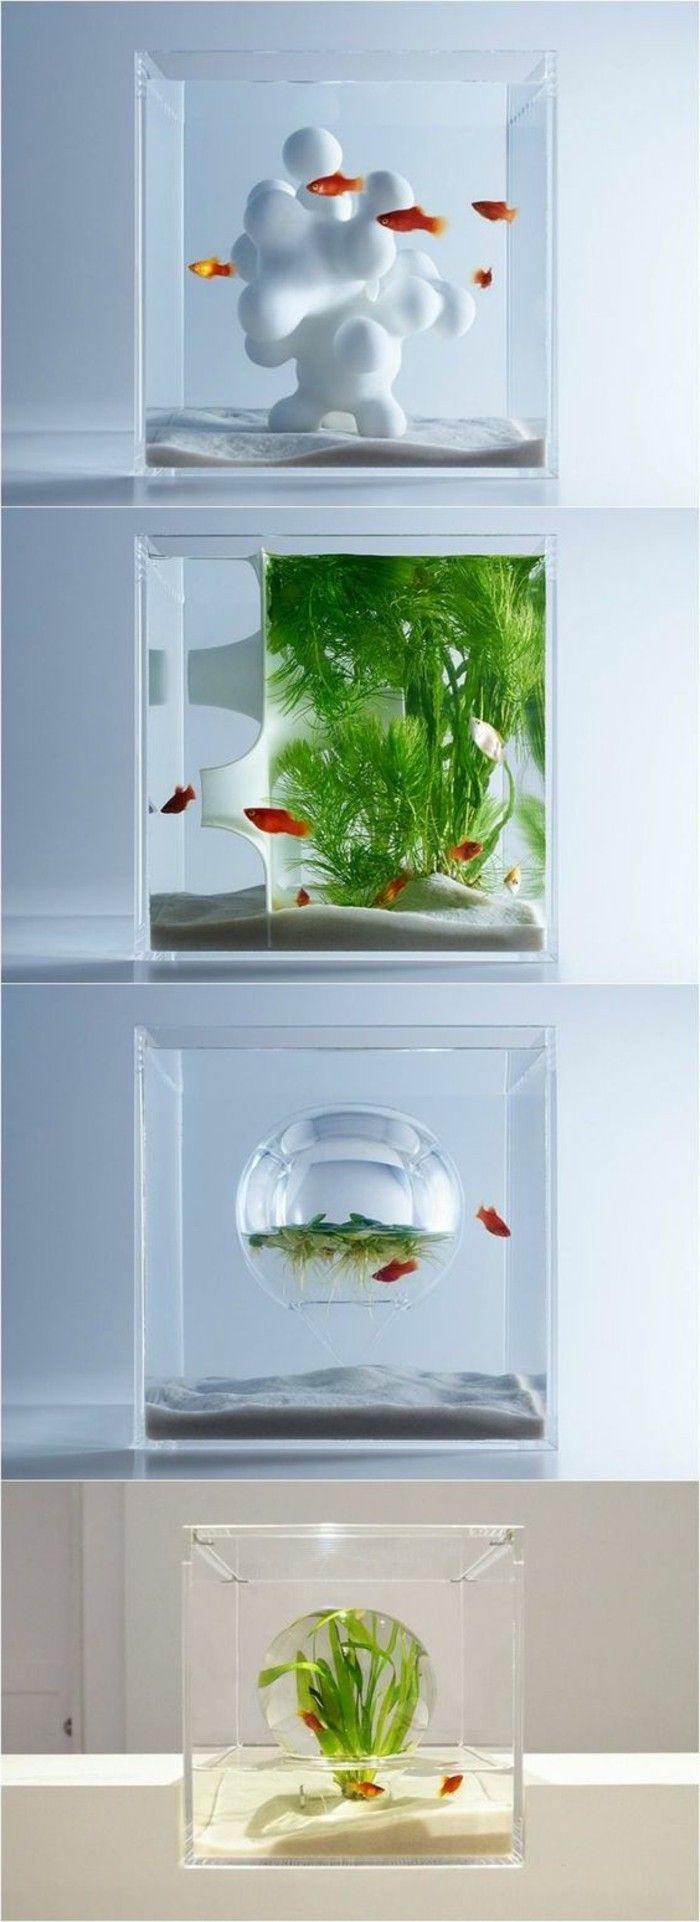 die besten 25 kleines aquarium ideen auf pinterest. Black Bedroom Furniture Sets. Home Design Ideas